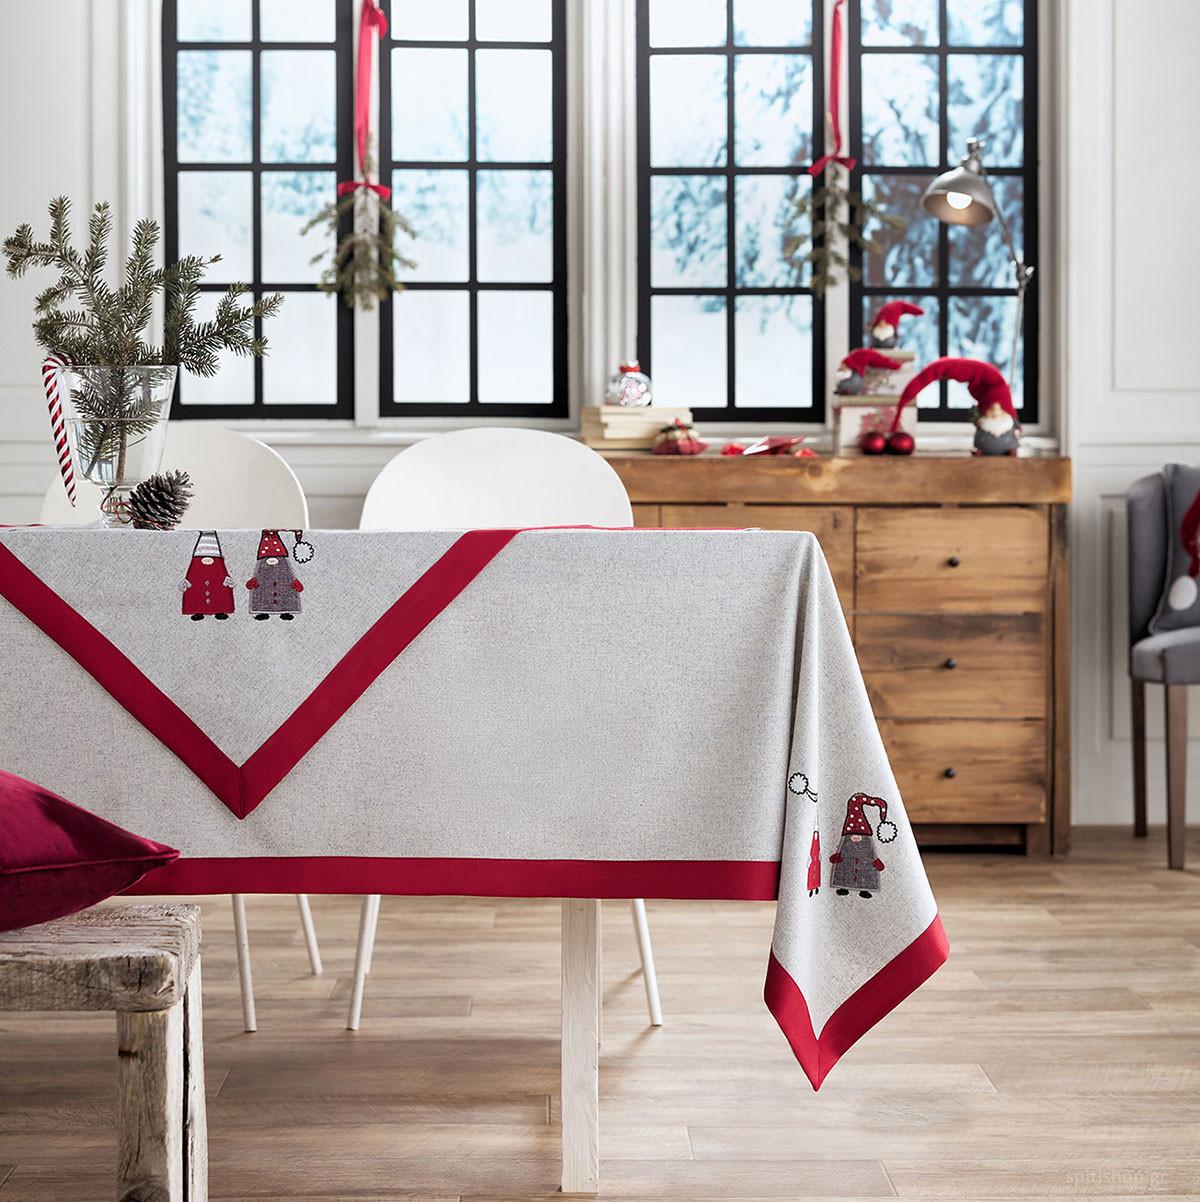 Χριστουγεννιάτικο Τραπεζομάντηλο (135×180) Gofis Home 833